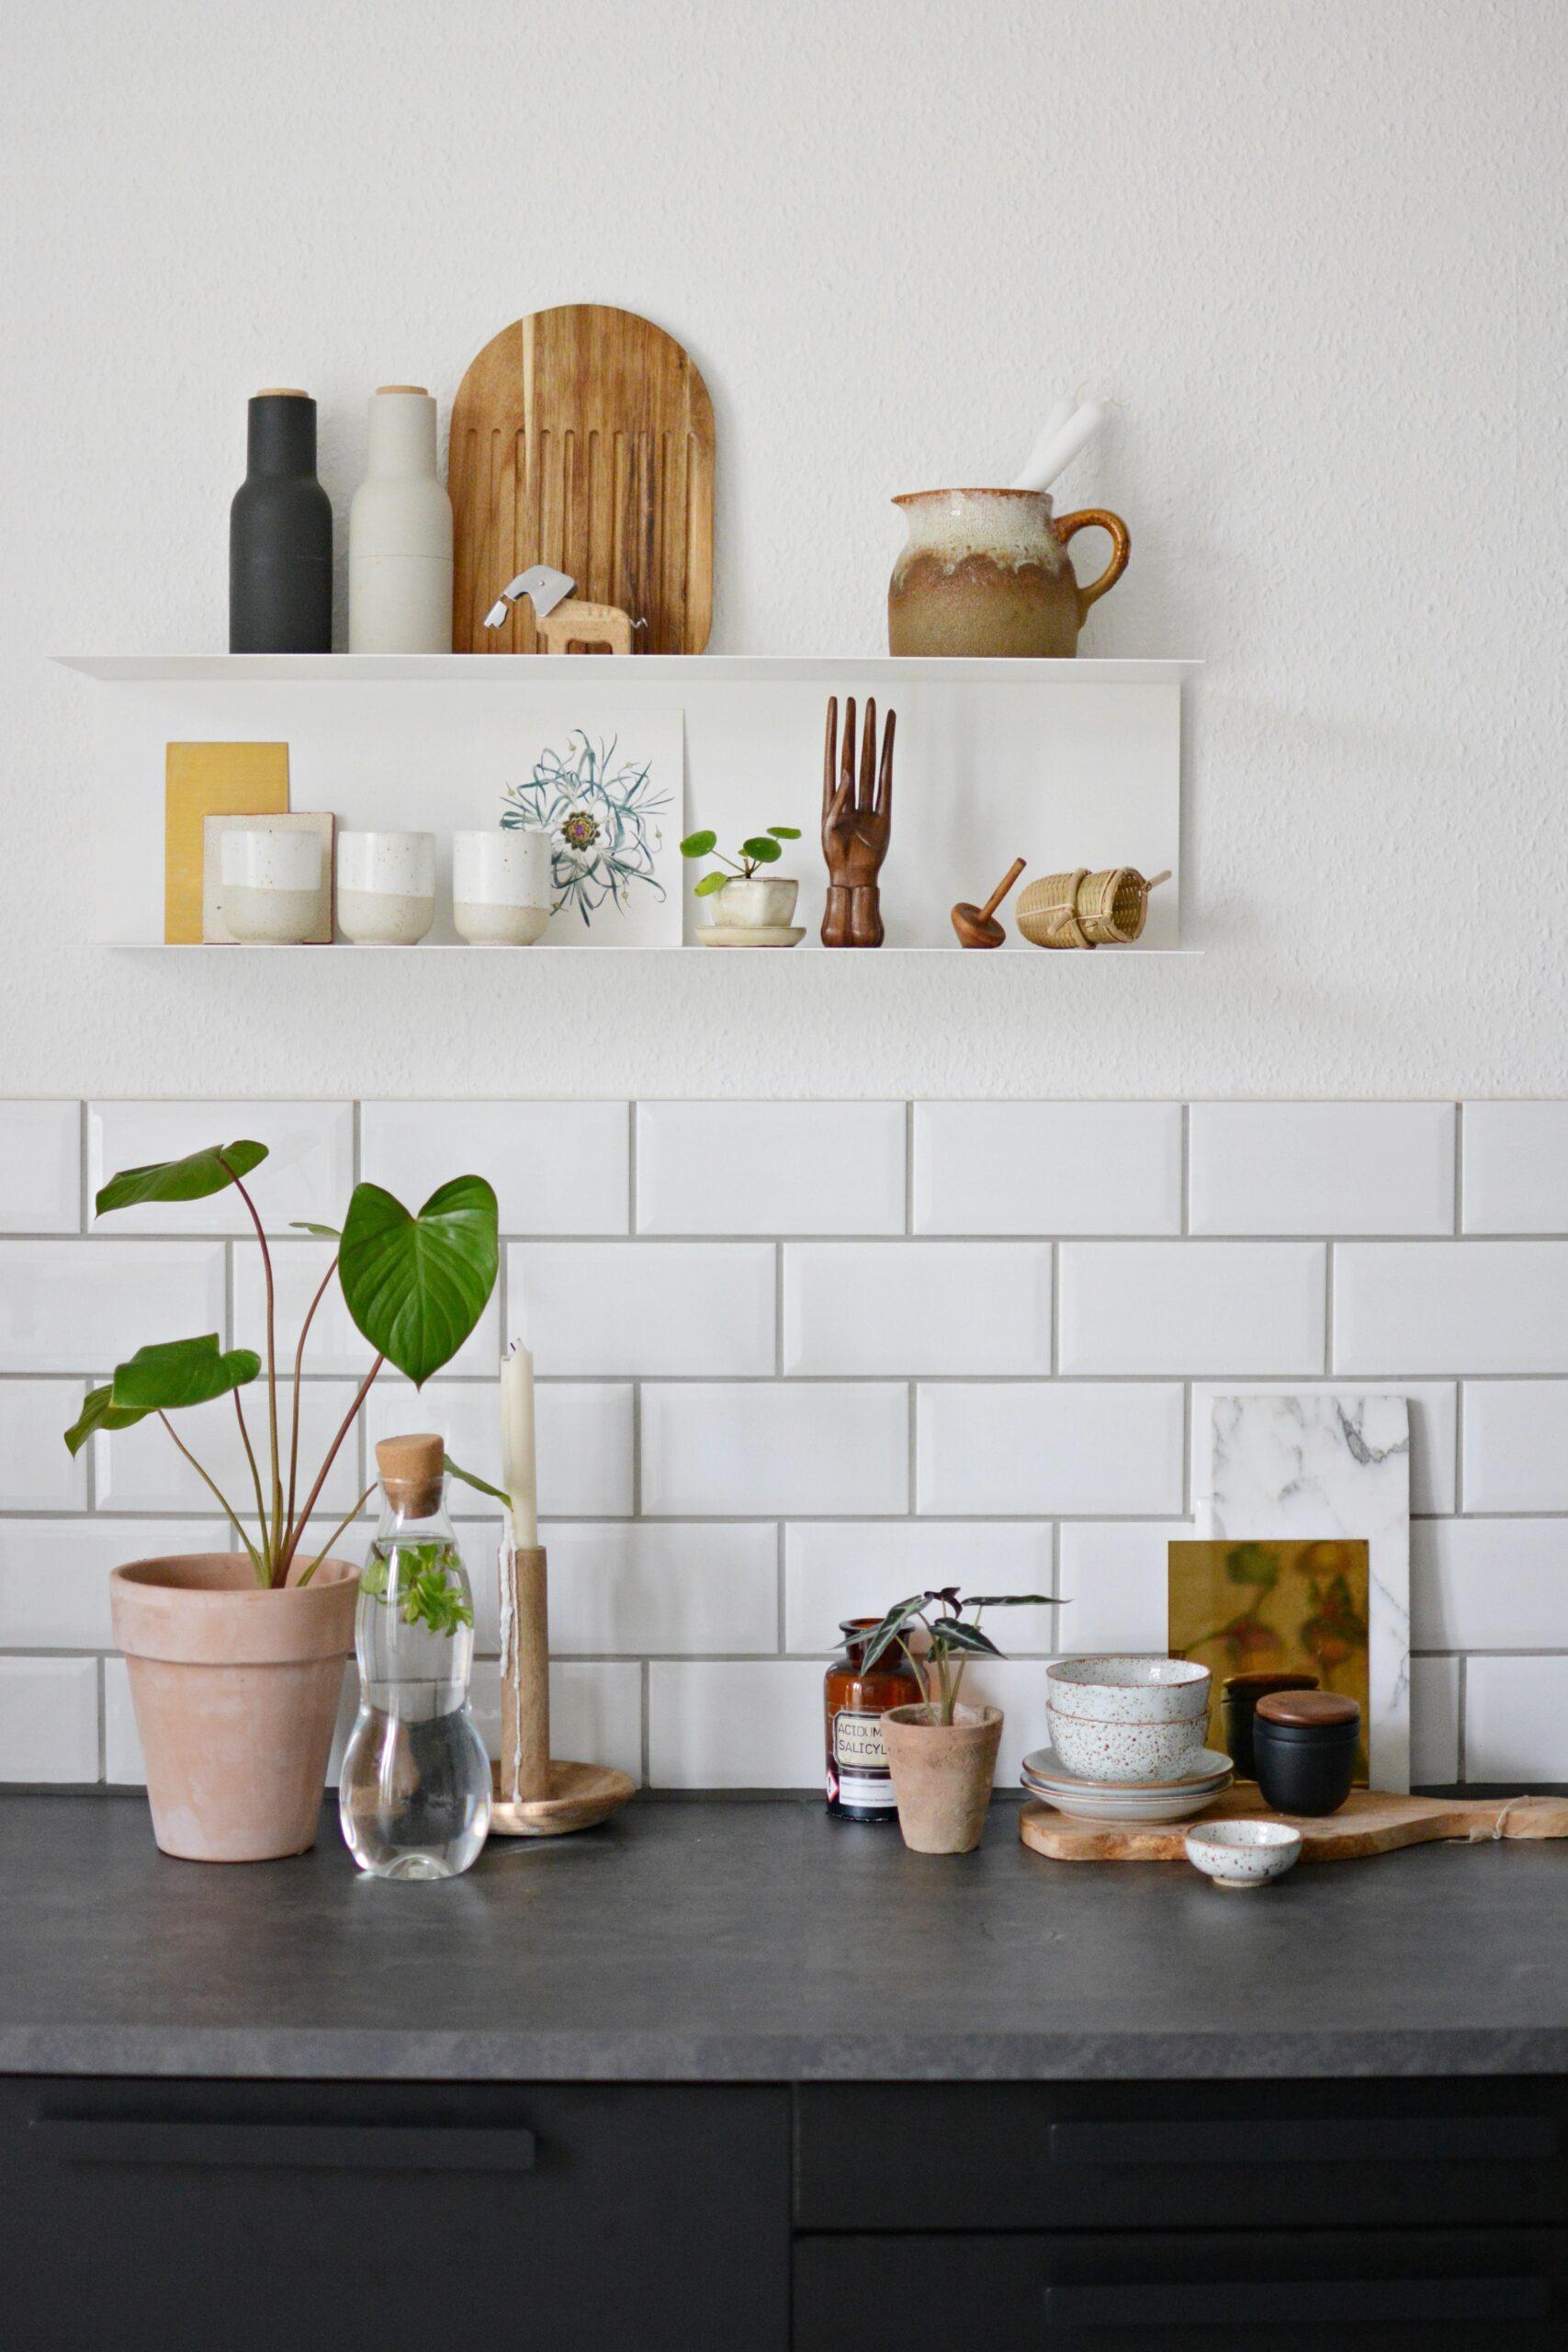 Full Size of Kchendeko So Wirds Wohnlich Eckbank Küche Arbeitsplatte Billige Mit Geräten Wasserhahn Für Winkel Erweitern Kräutergarten Apothekerschrank Blende Wohnzimmer Wanddeko Küche Modern